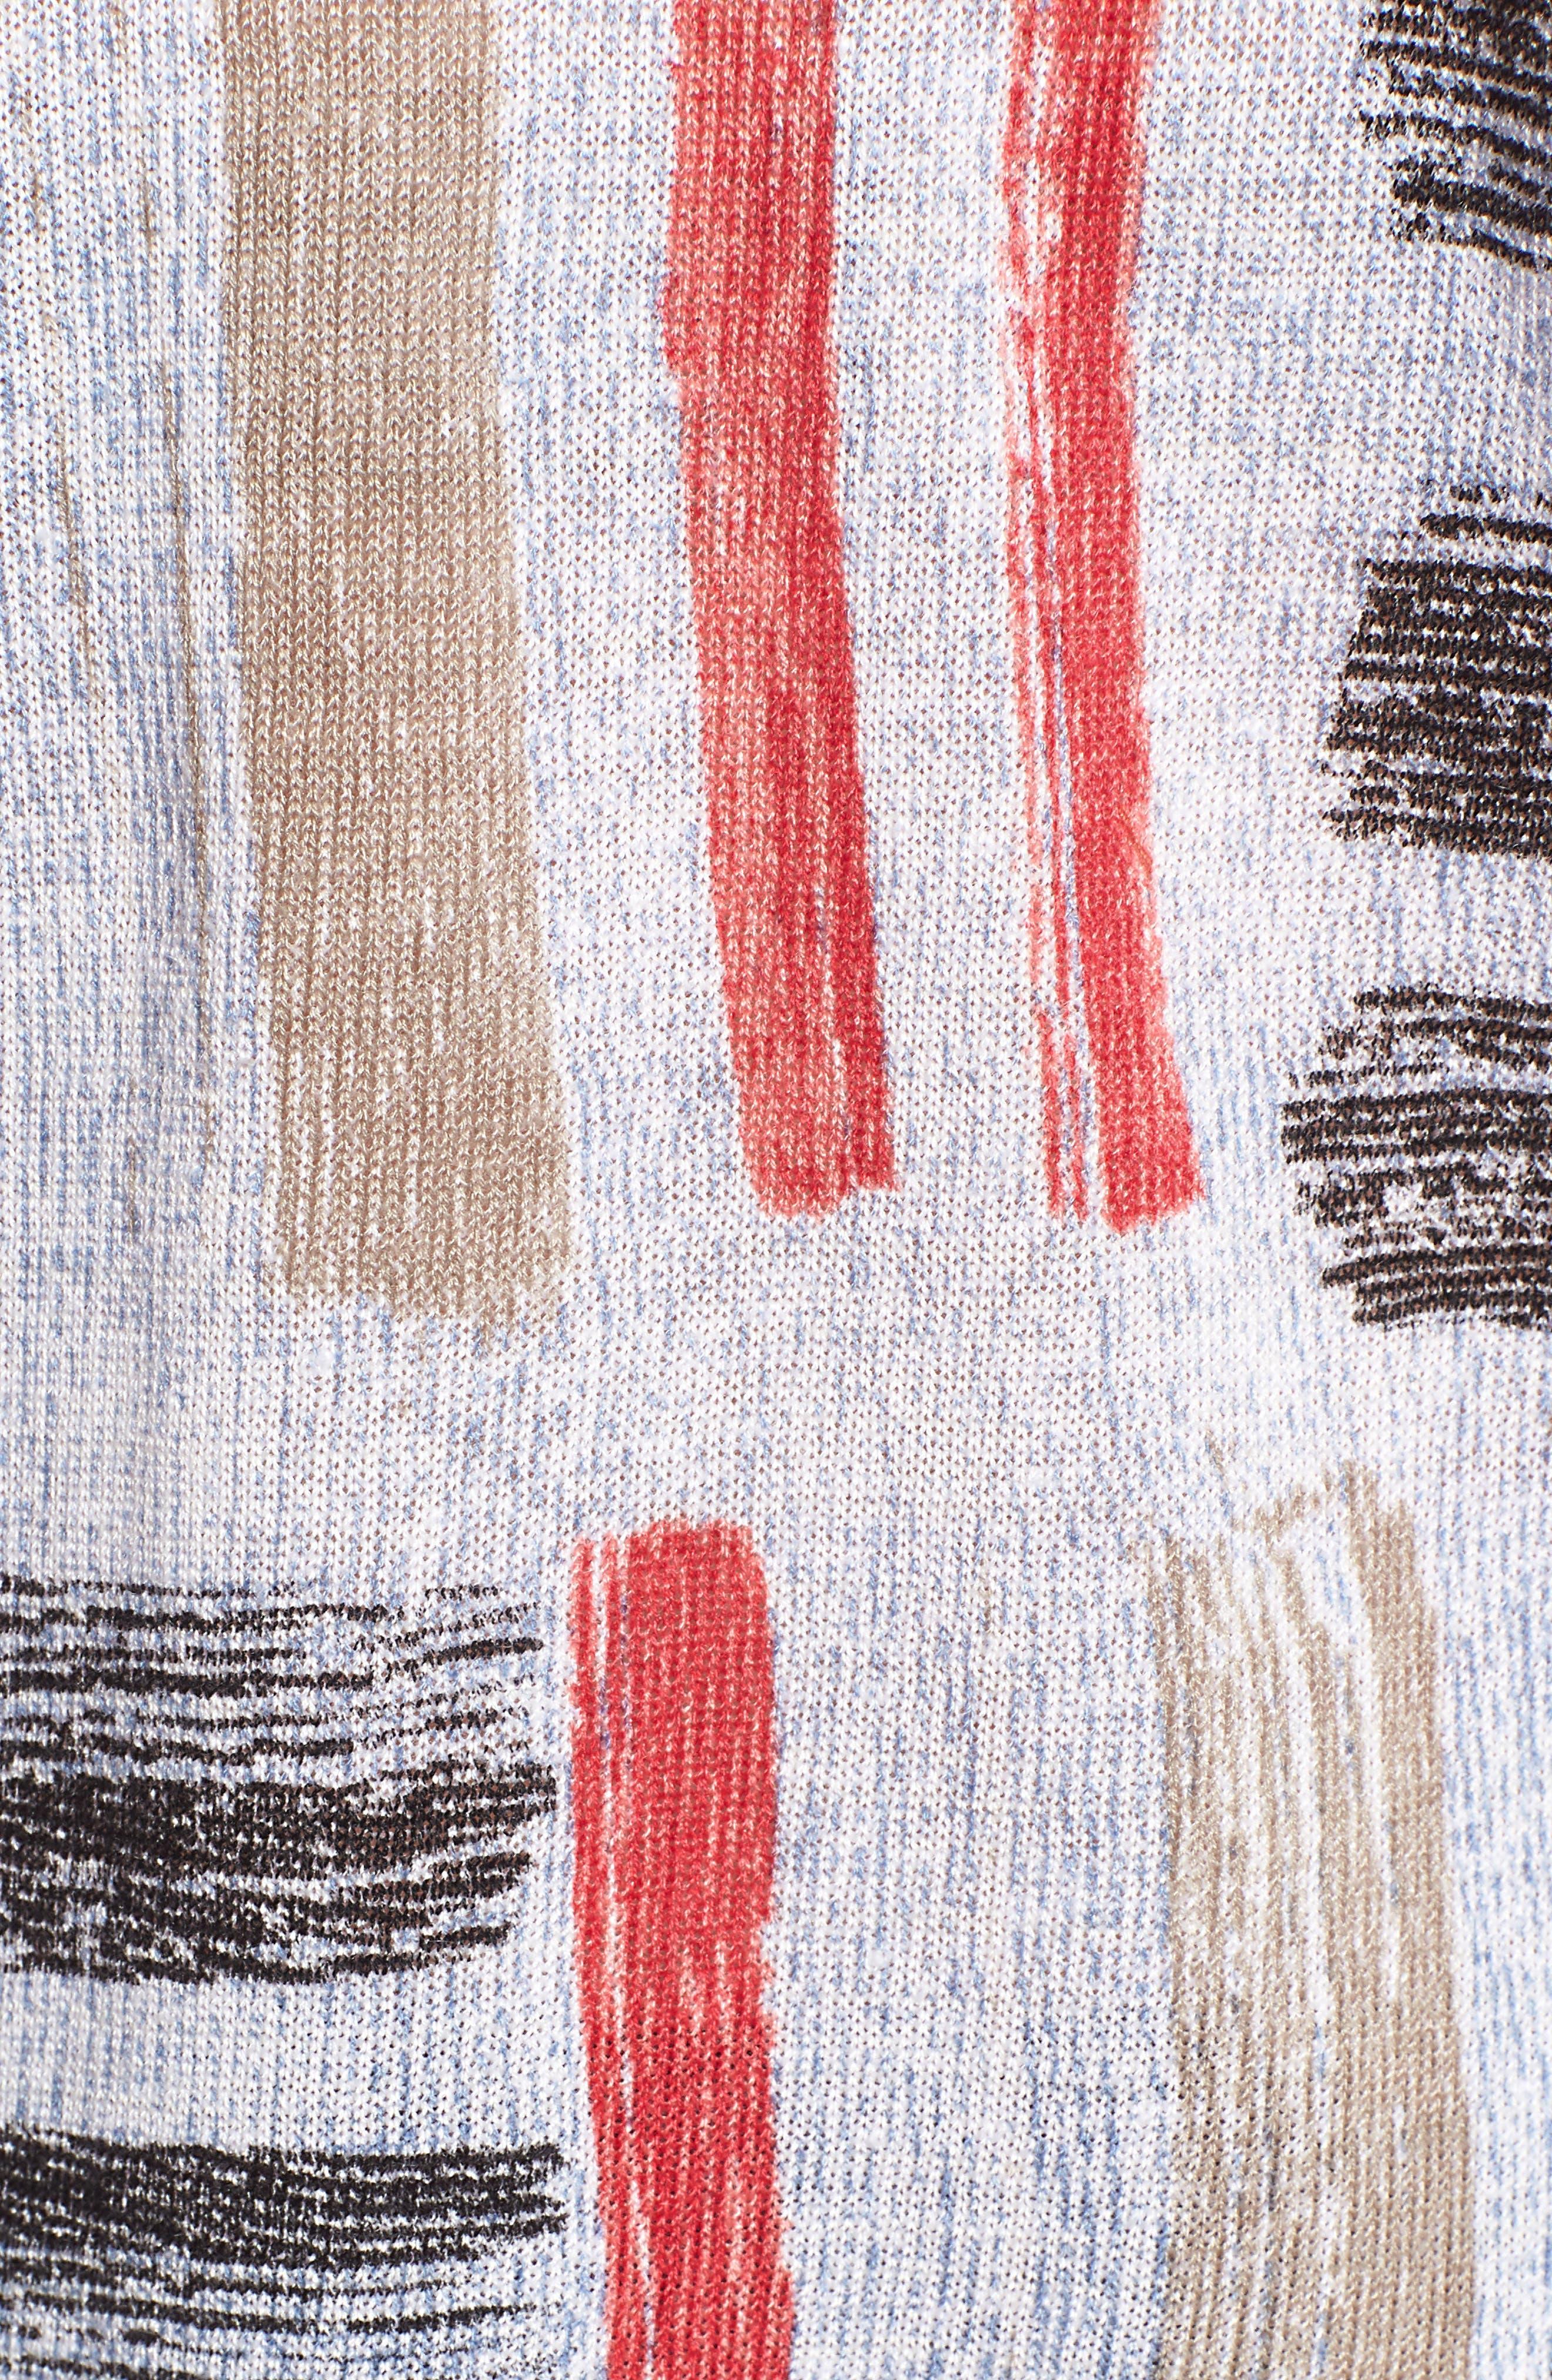 Peponi Top,                             Alternate thumbnail 5, color,                             Multi